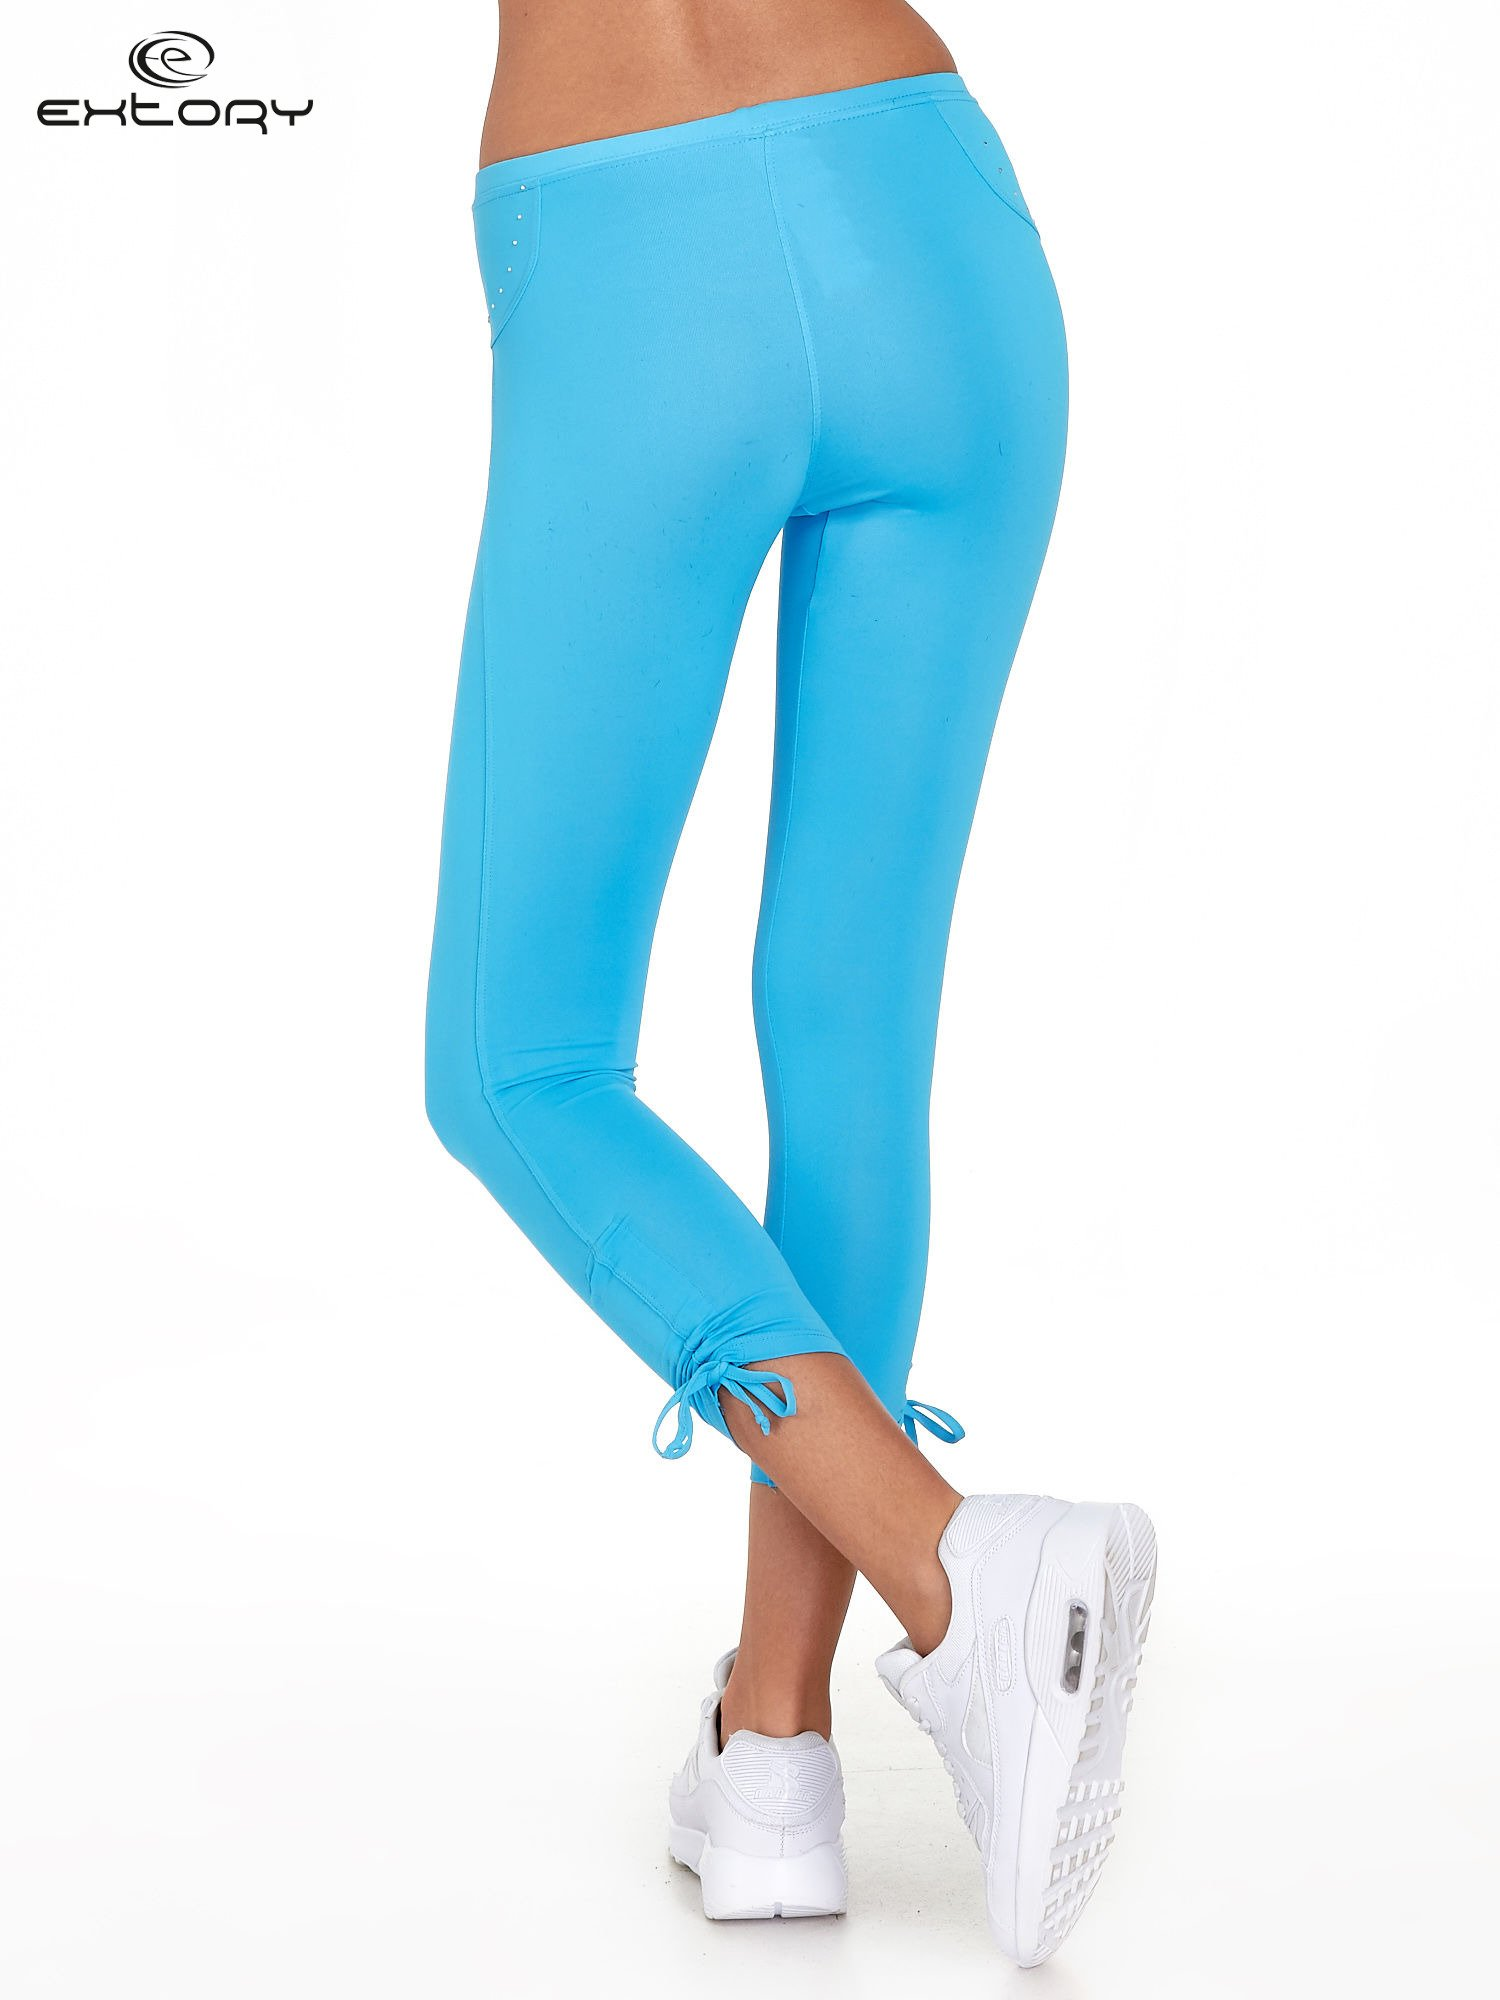 Niebieskie legginsy sportowe termalne z dżetami i ściągaczem                                  zdj.                                  3